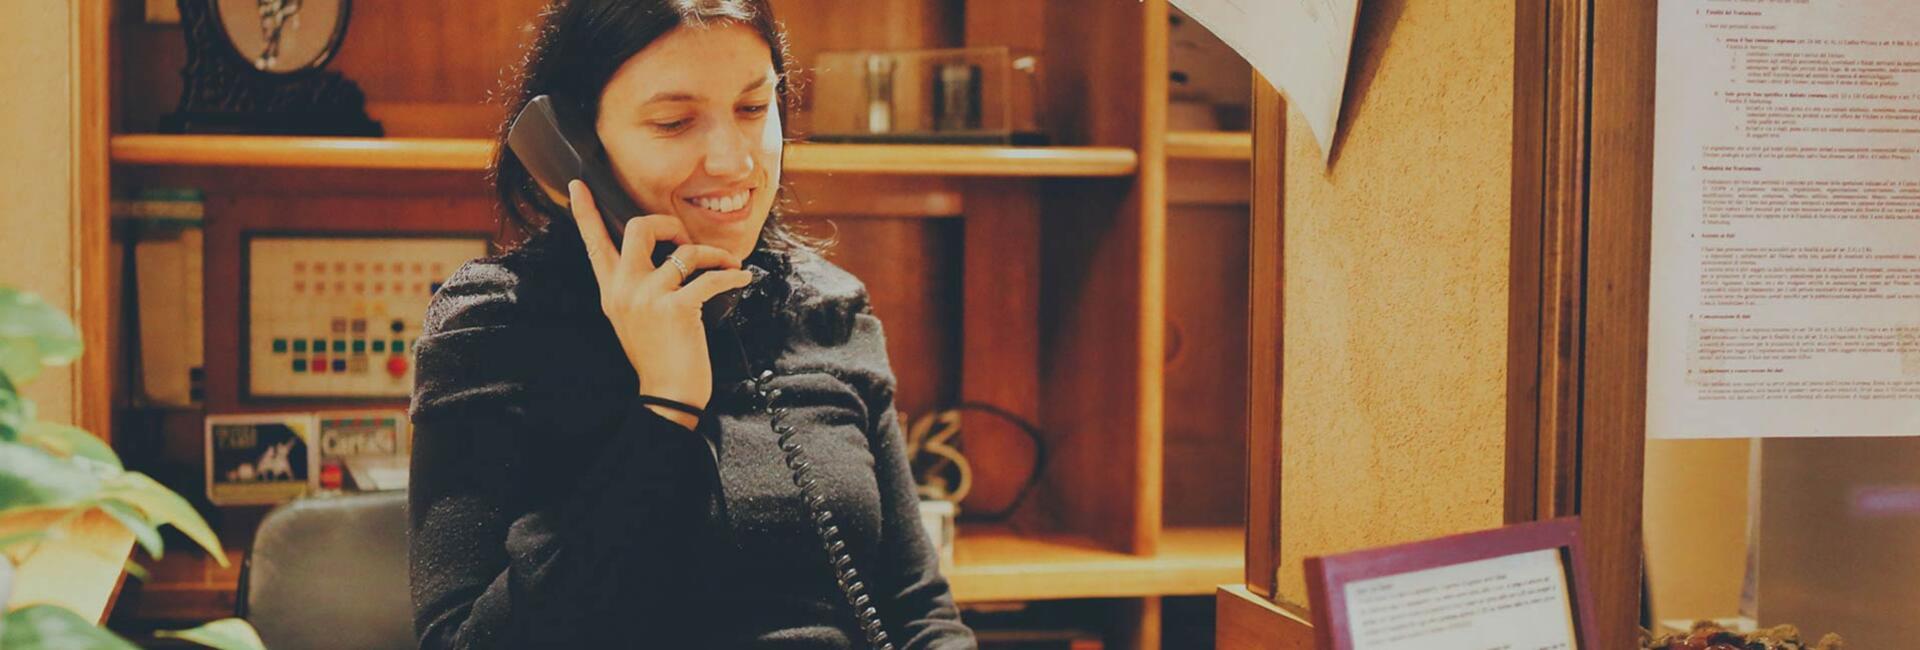 hotelilvecchiocasello en contacts 002